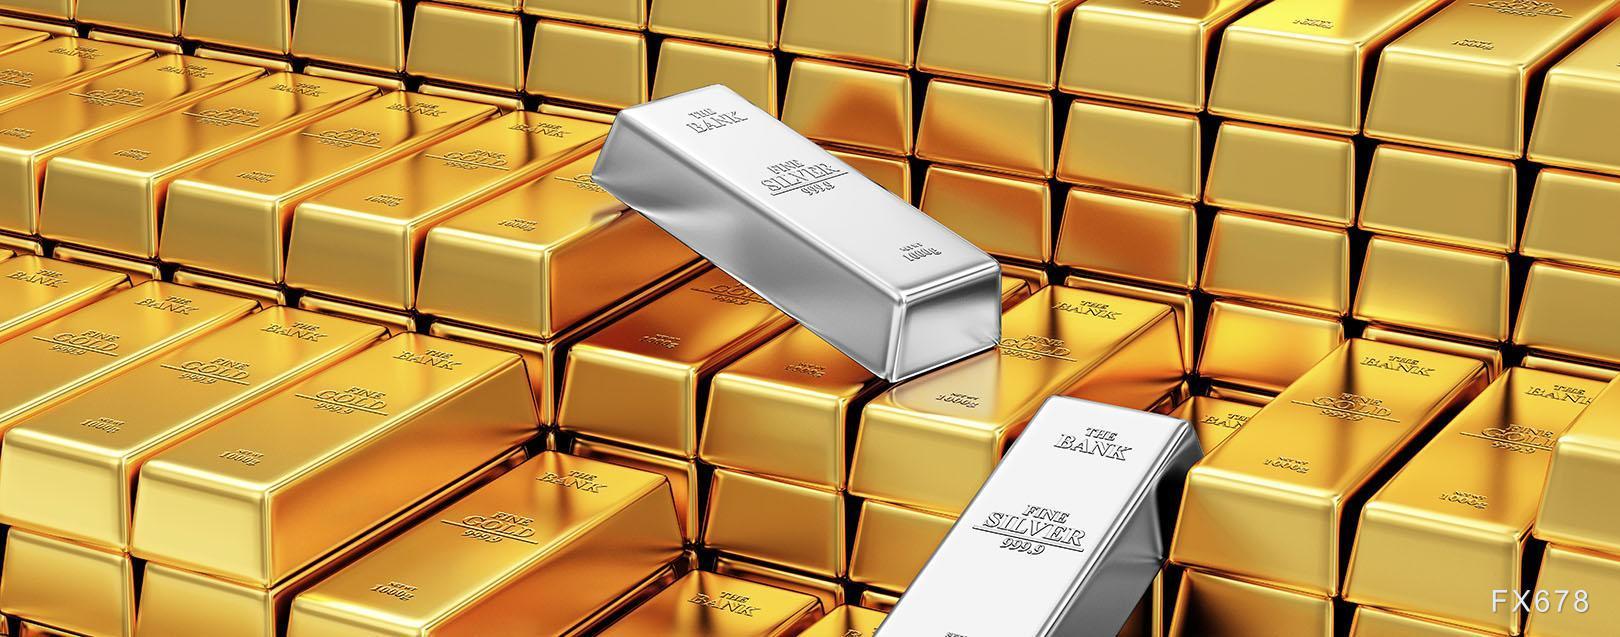 12月21日现货黄金、白银、原油、外汇短线交易策略